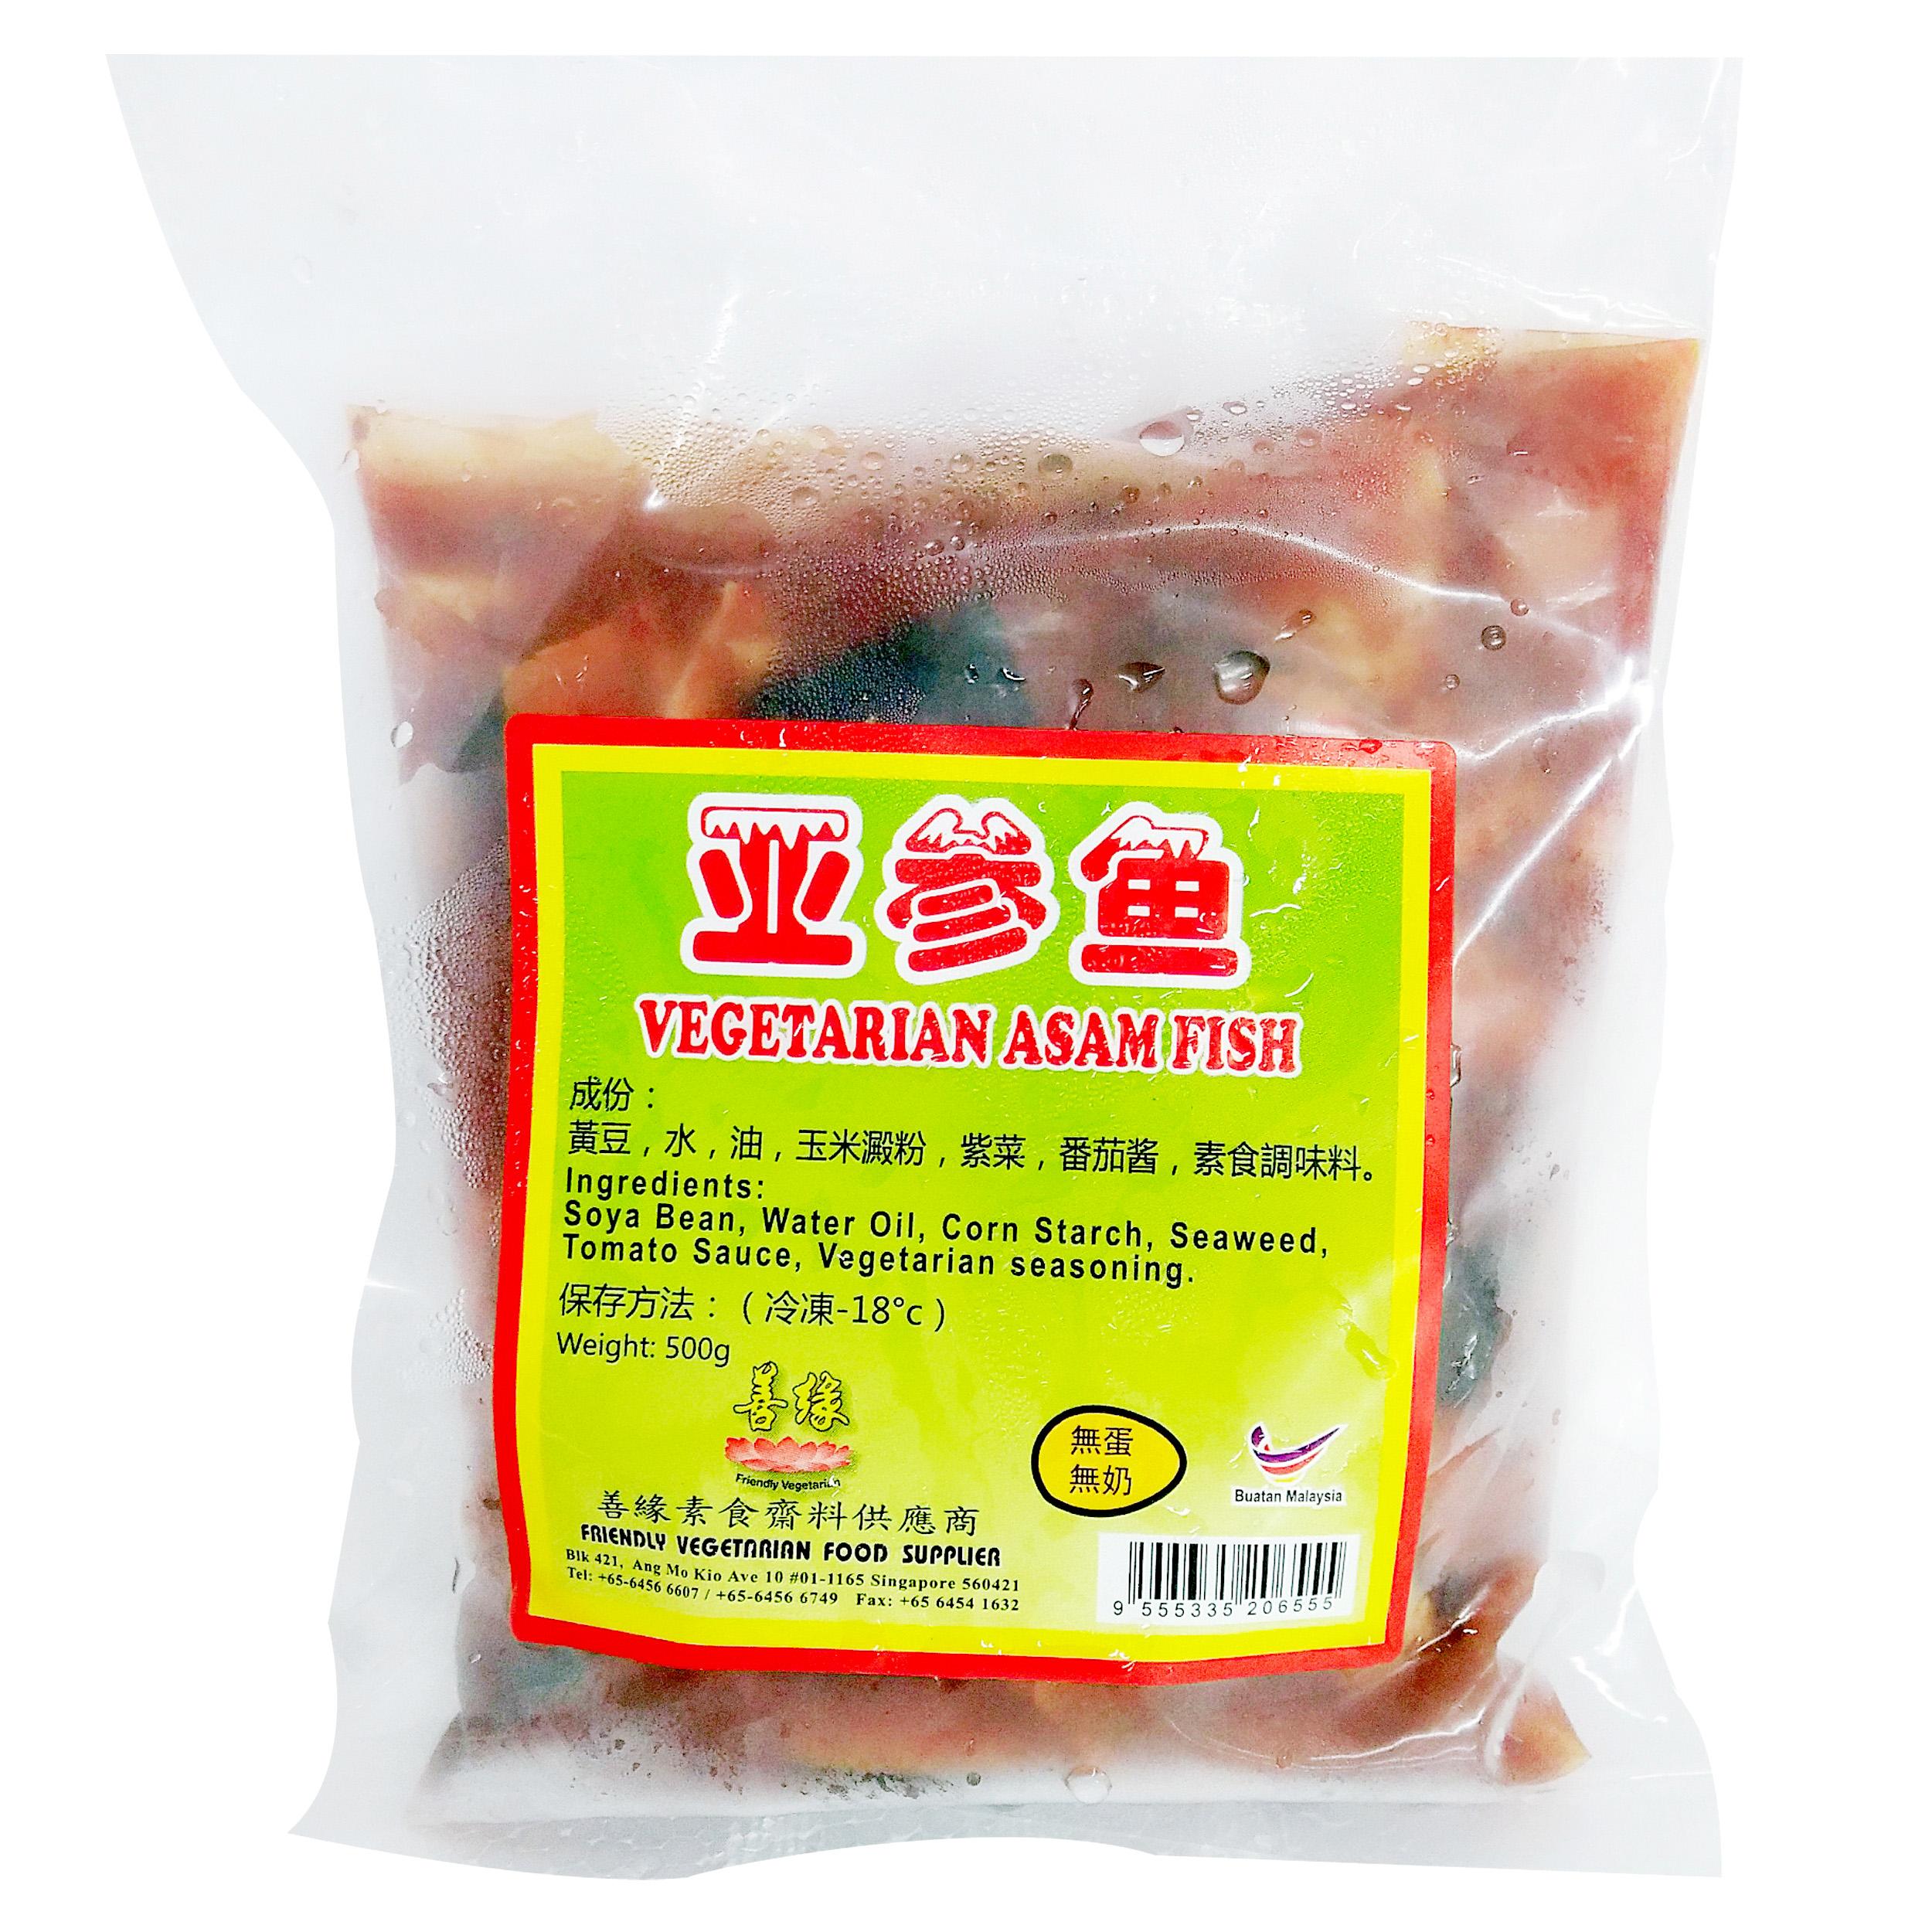 Image Vegetarian Asam Fish 善缘 - 亚参鱼 500grams